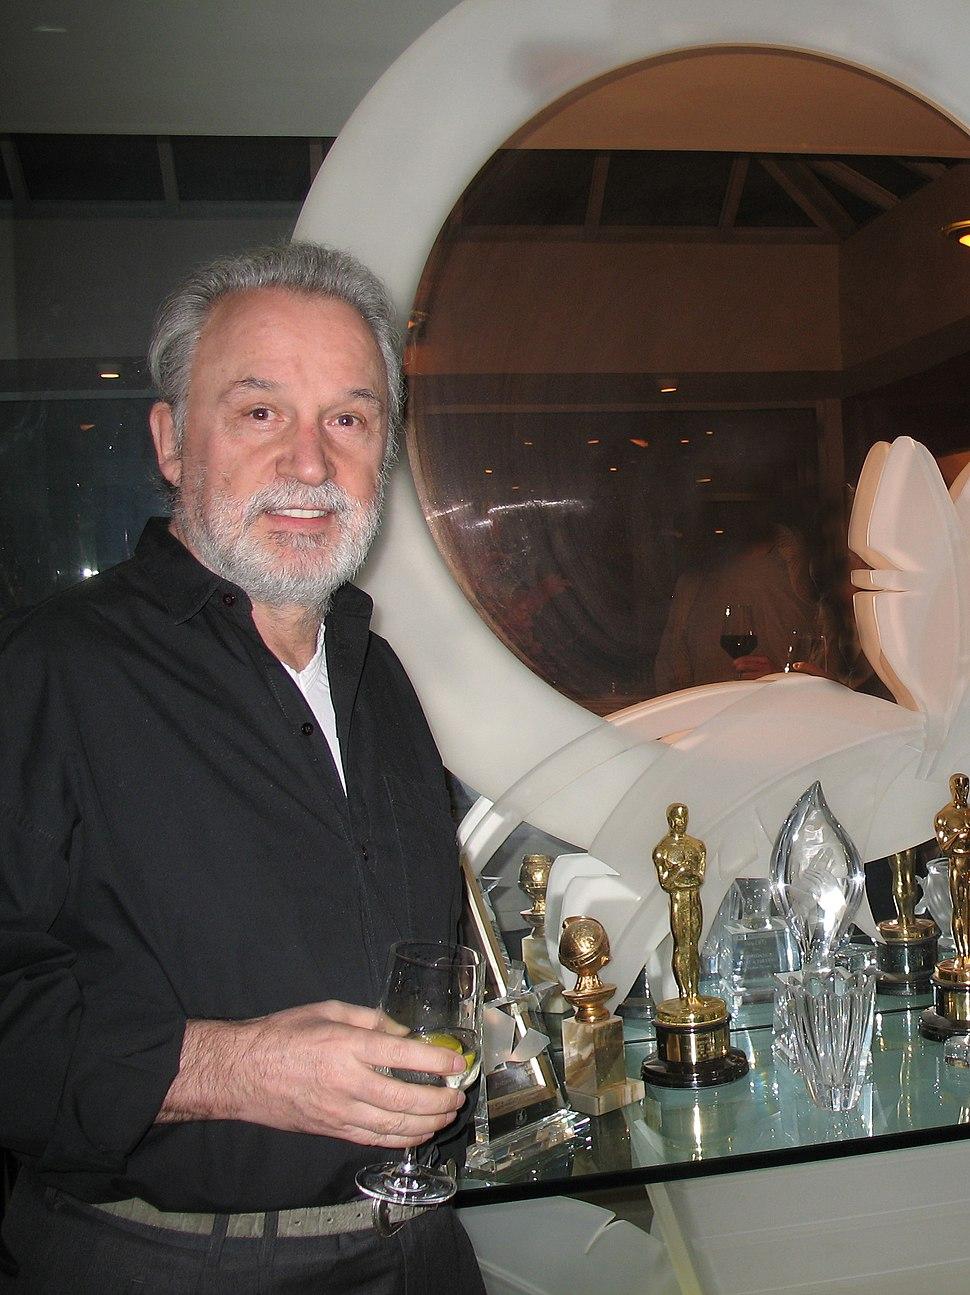 Giorgio Moroder (cropped)